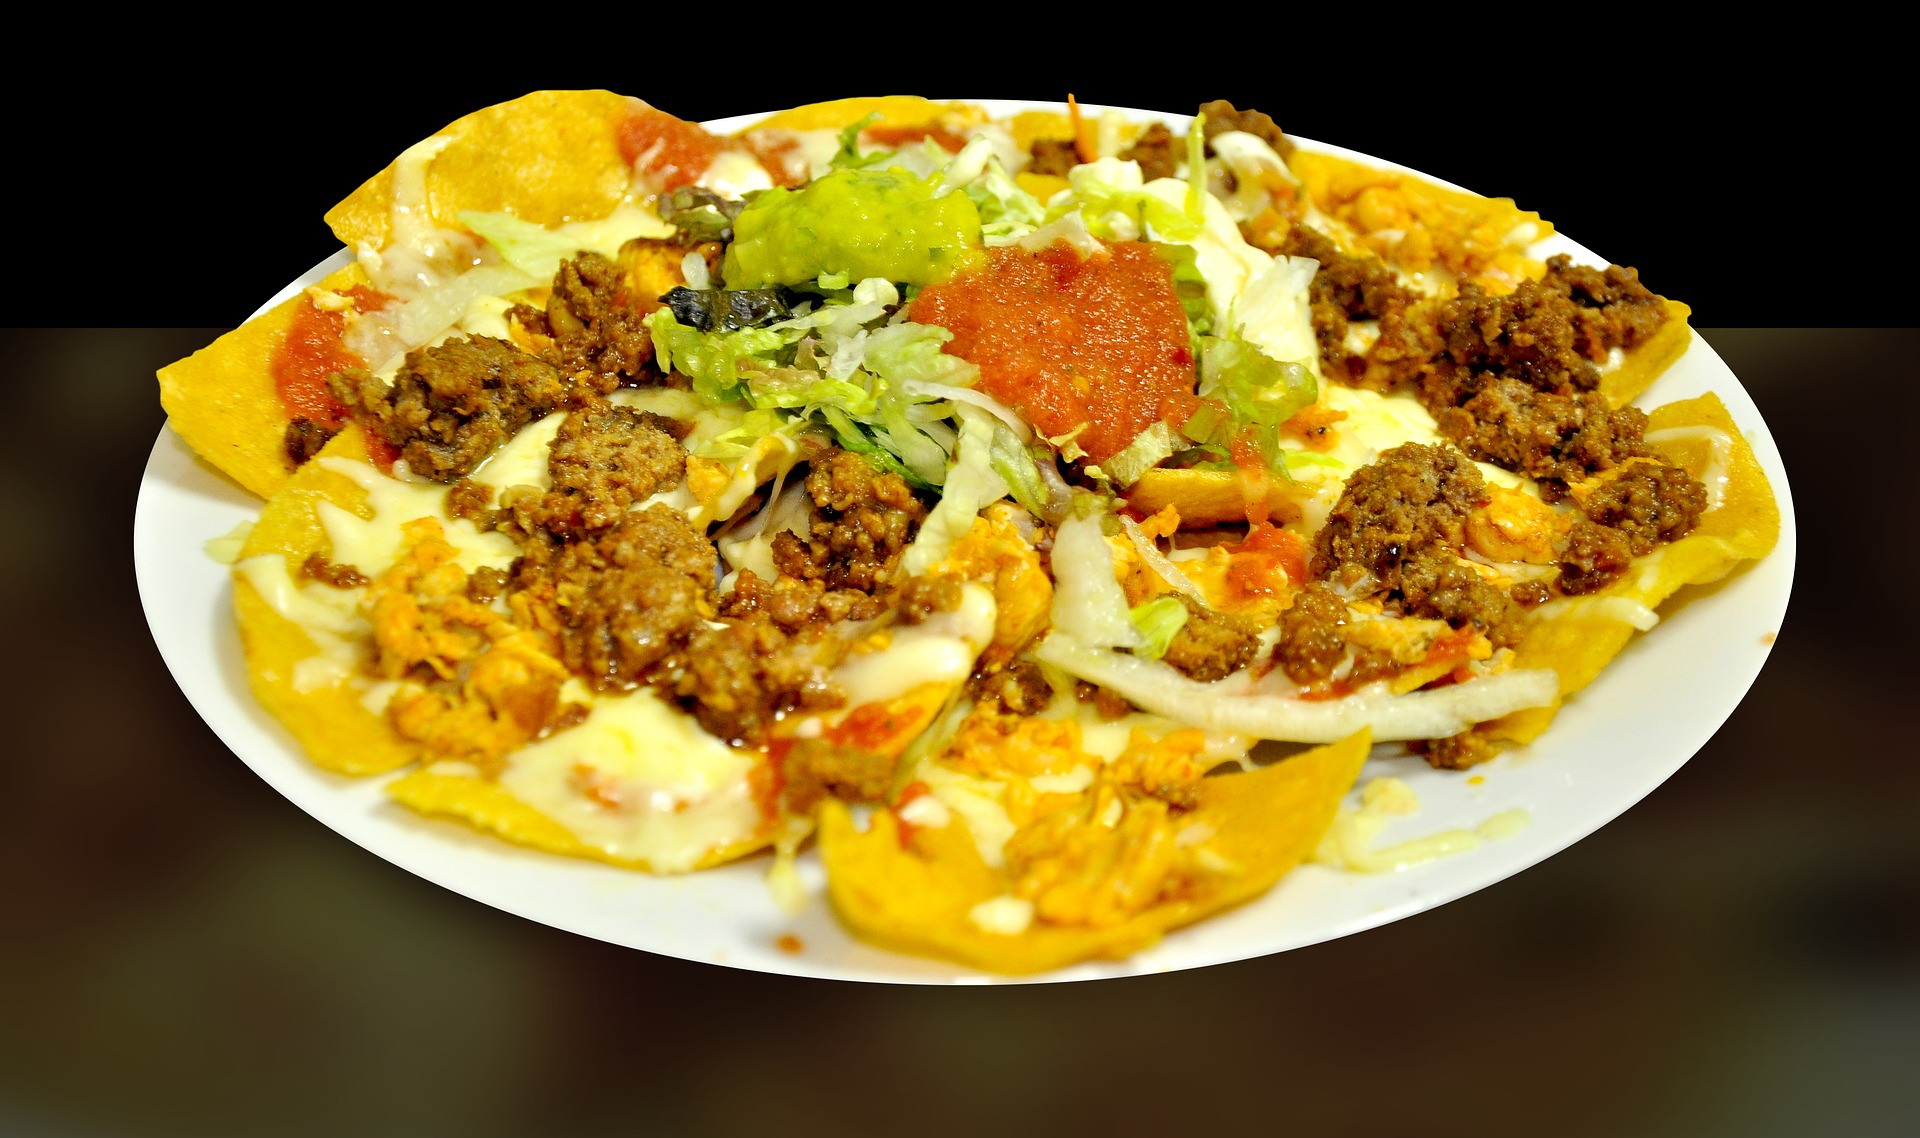 food-1564240_1920.jpg